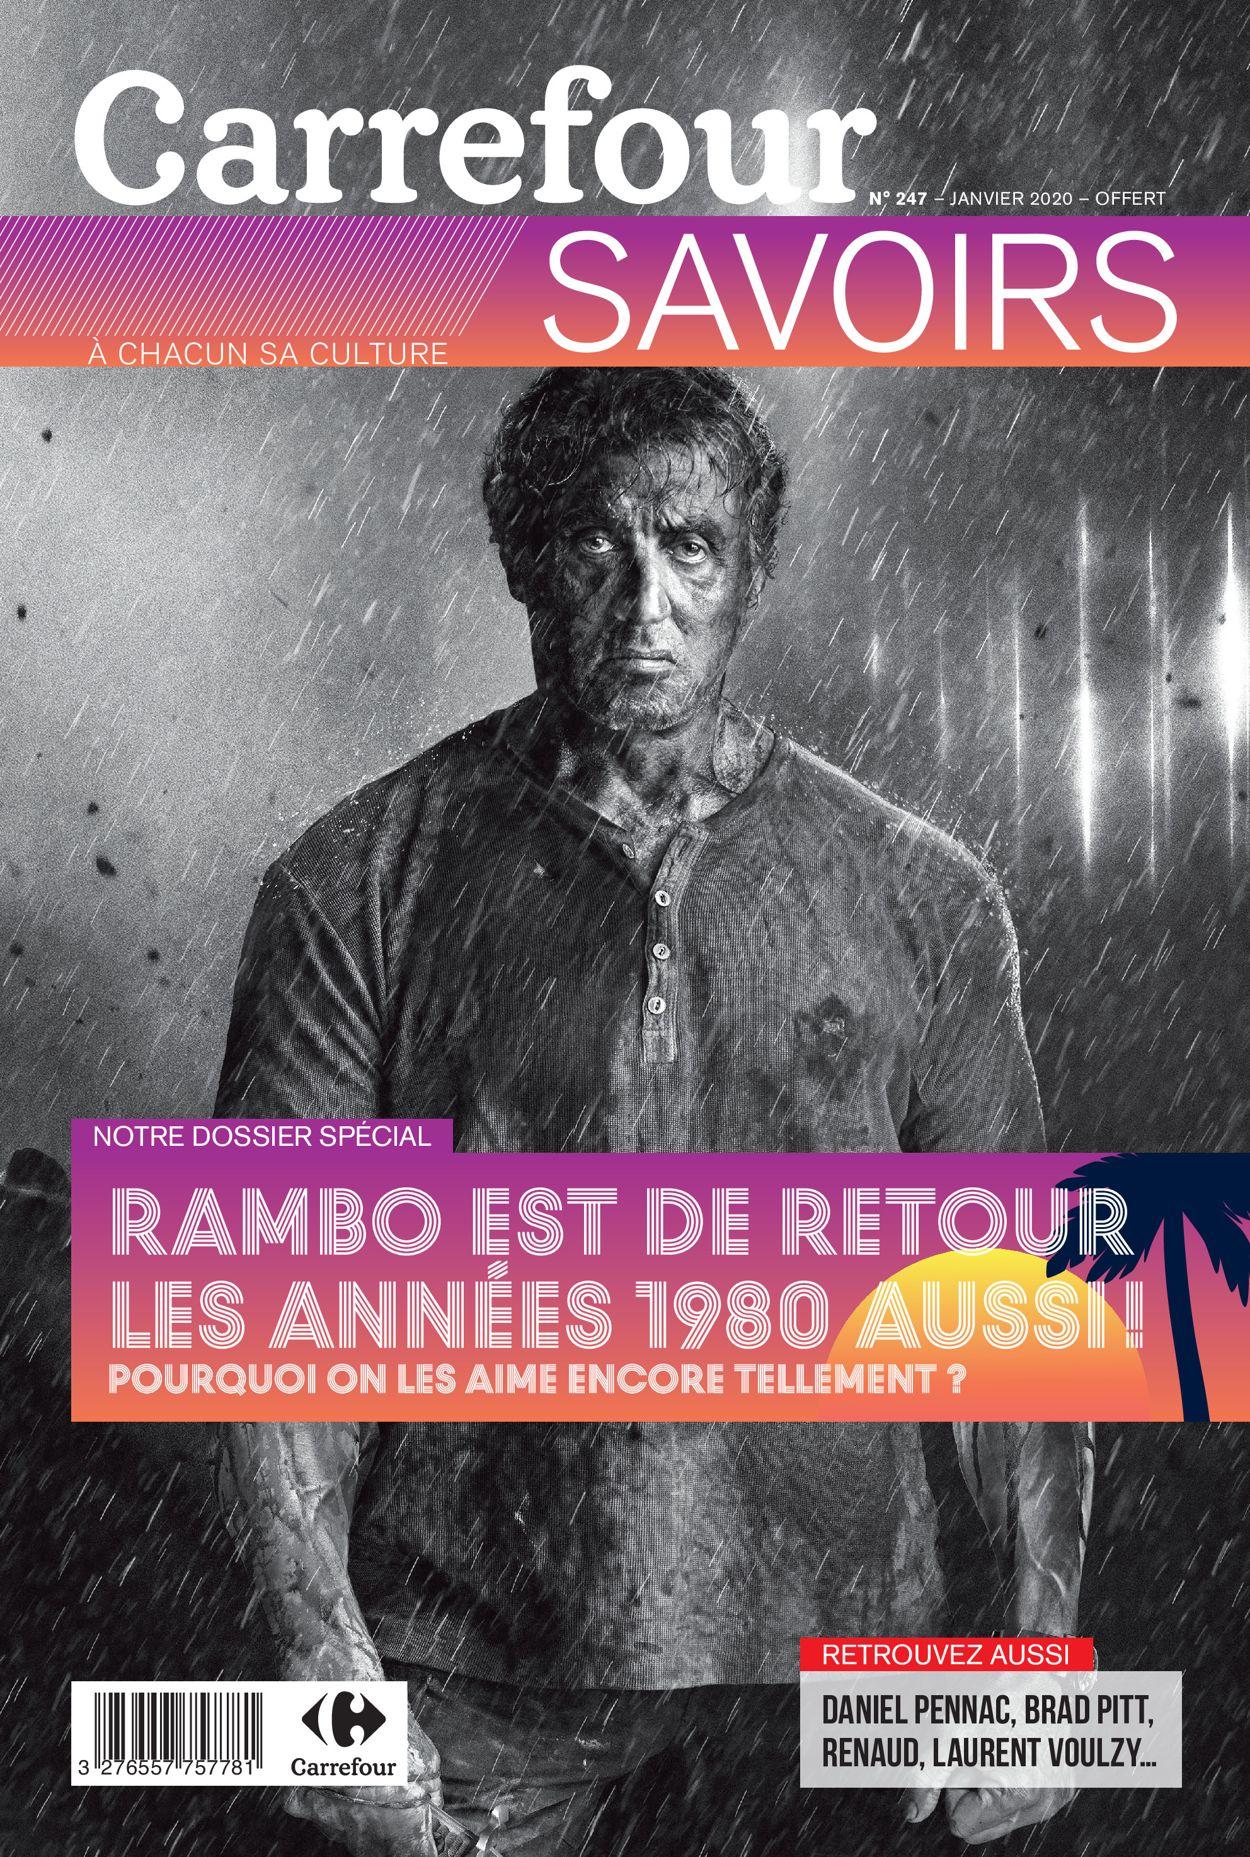 Carrefour Catalogue - 01.01-31.01.2020